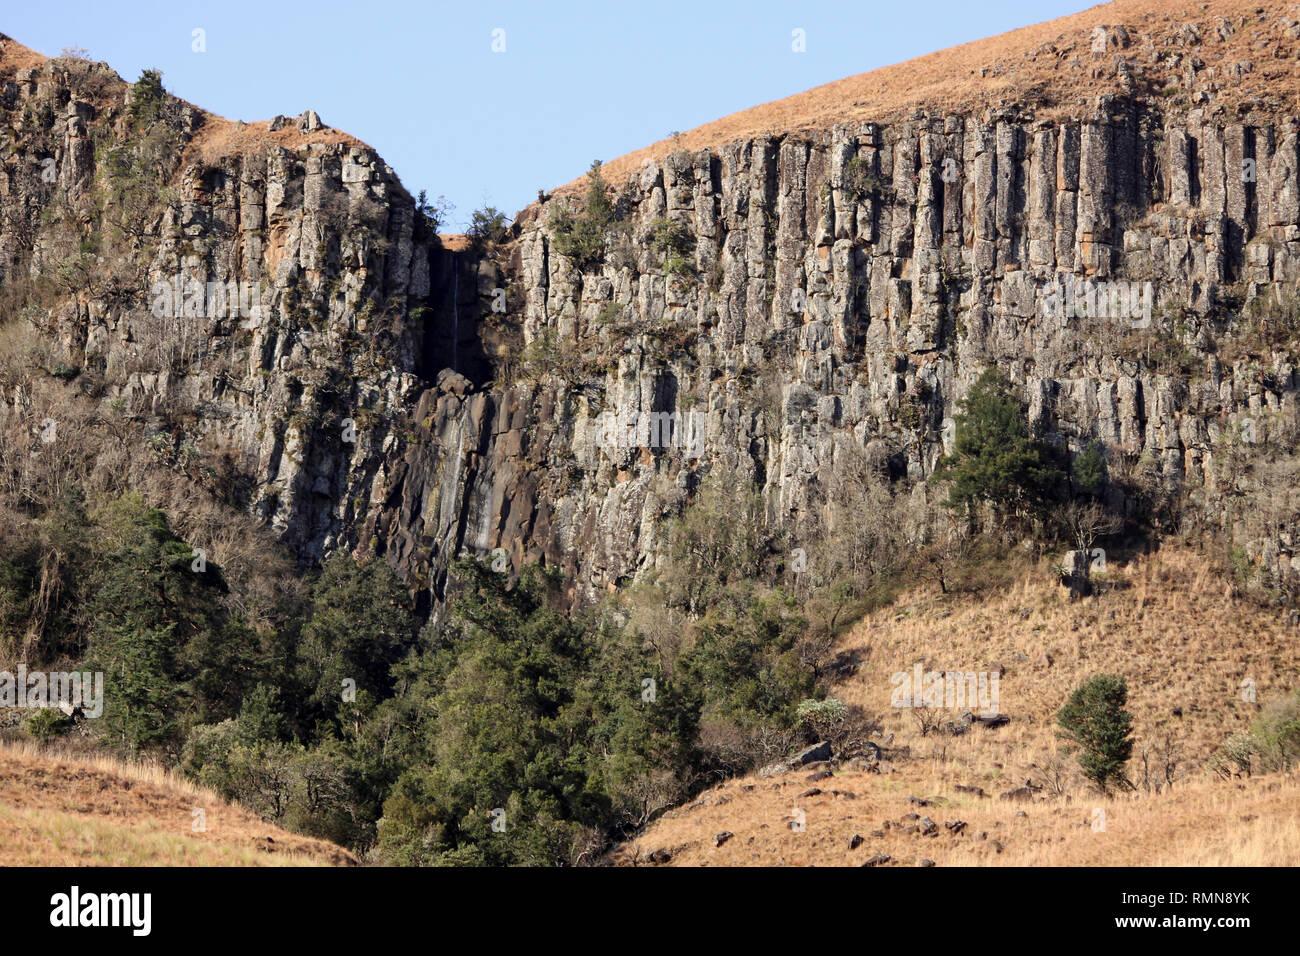 Basalt Columns in Drakensburg Mountains, Kwazulu Natal, South Africa - Stock Image